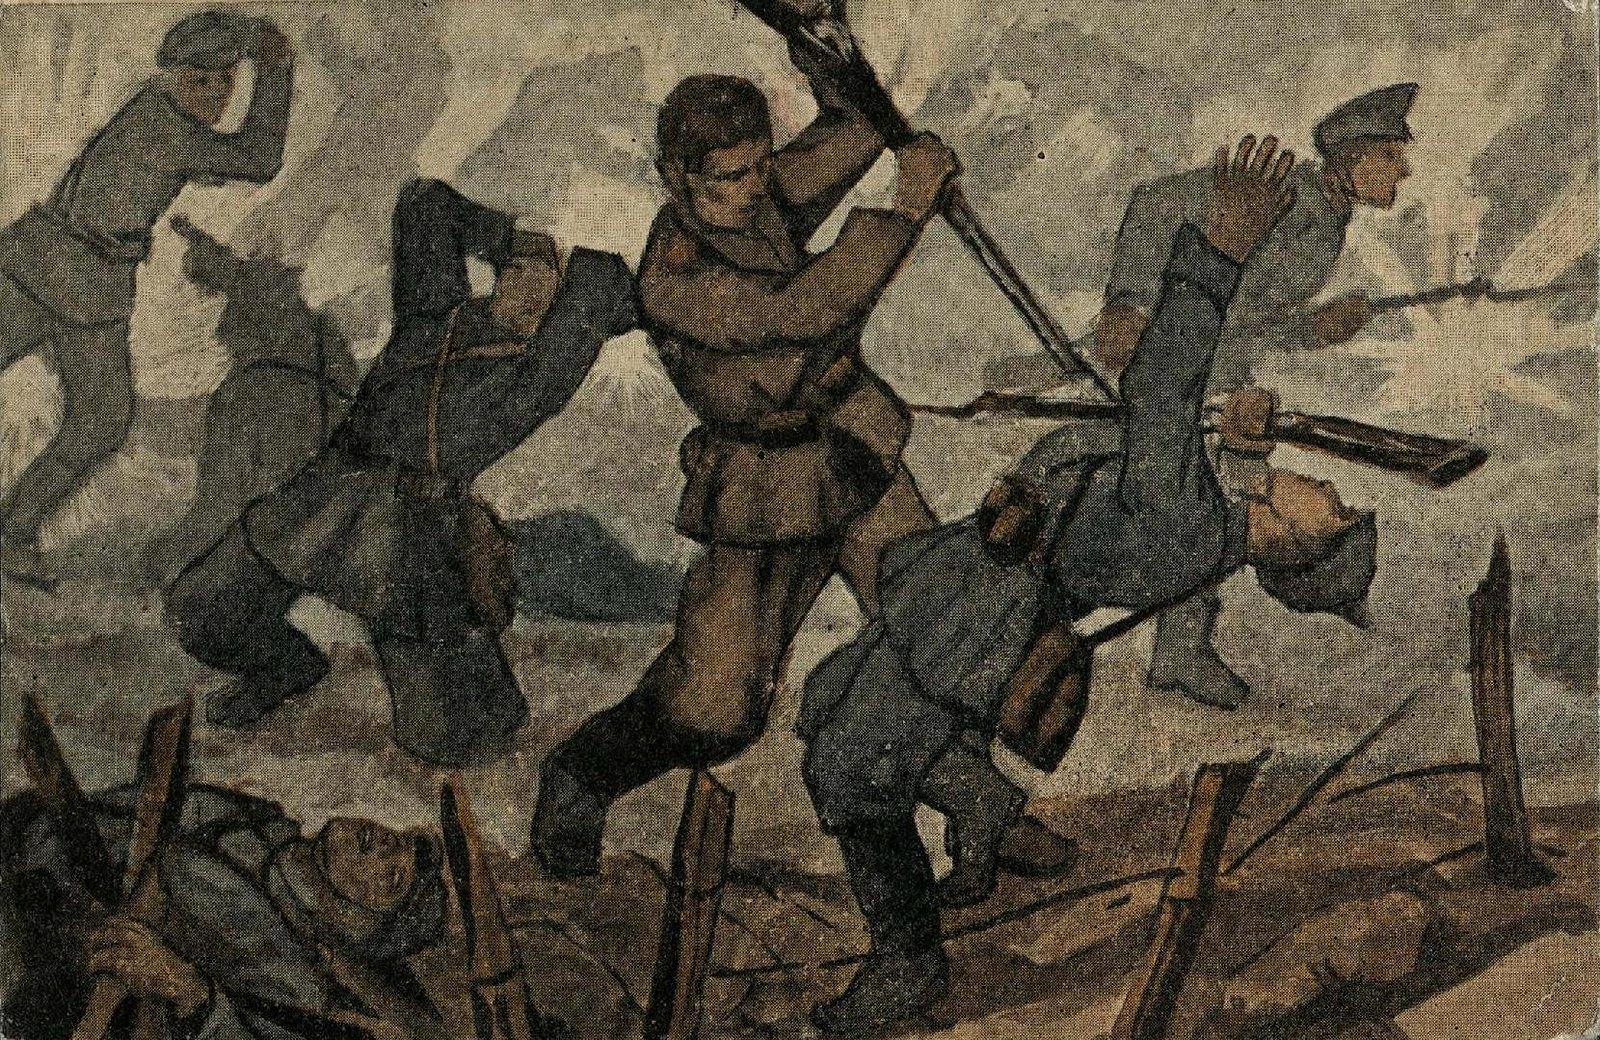 05. 1915. Рукопашный бой